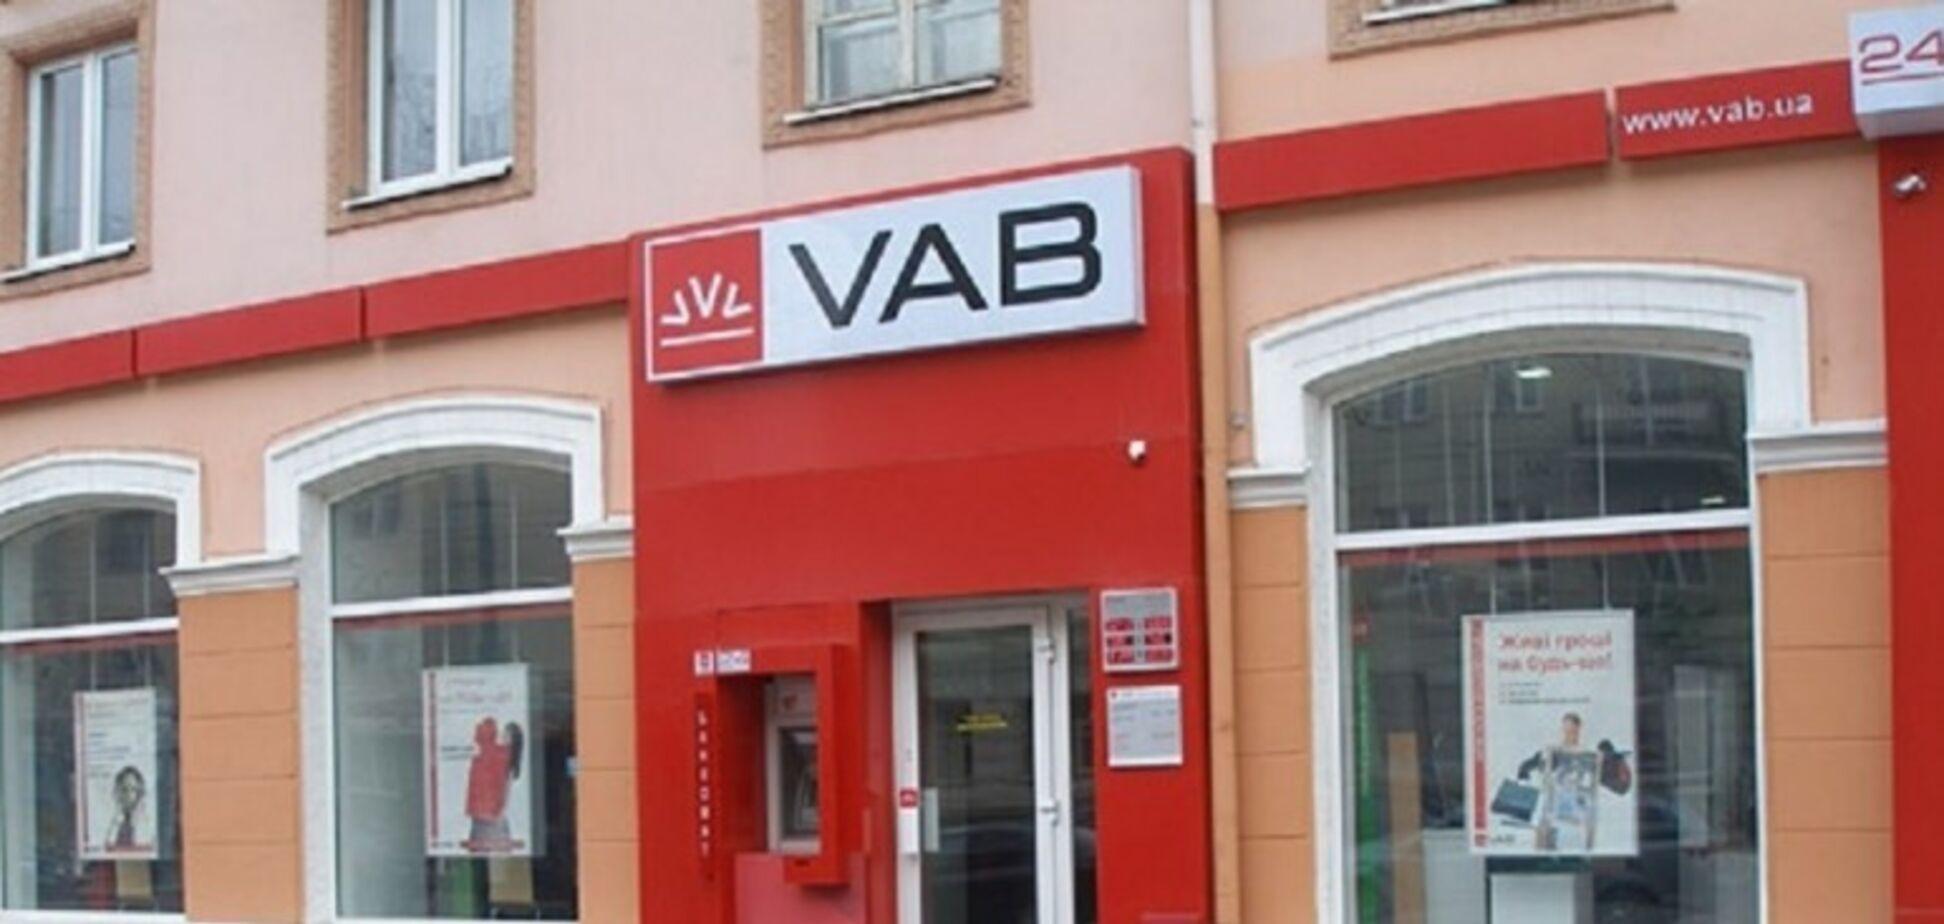 Дело VAB банка: экспертиза опровергла обвинения НАБУ. Документы